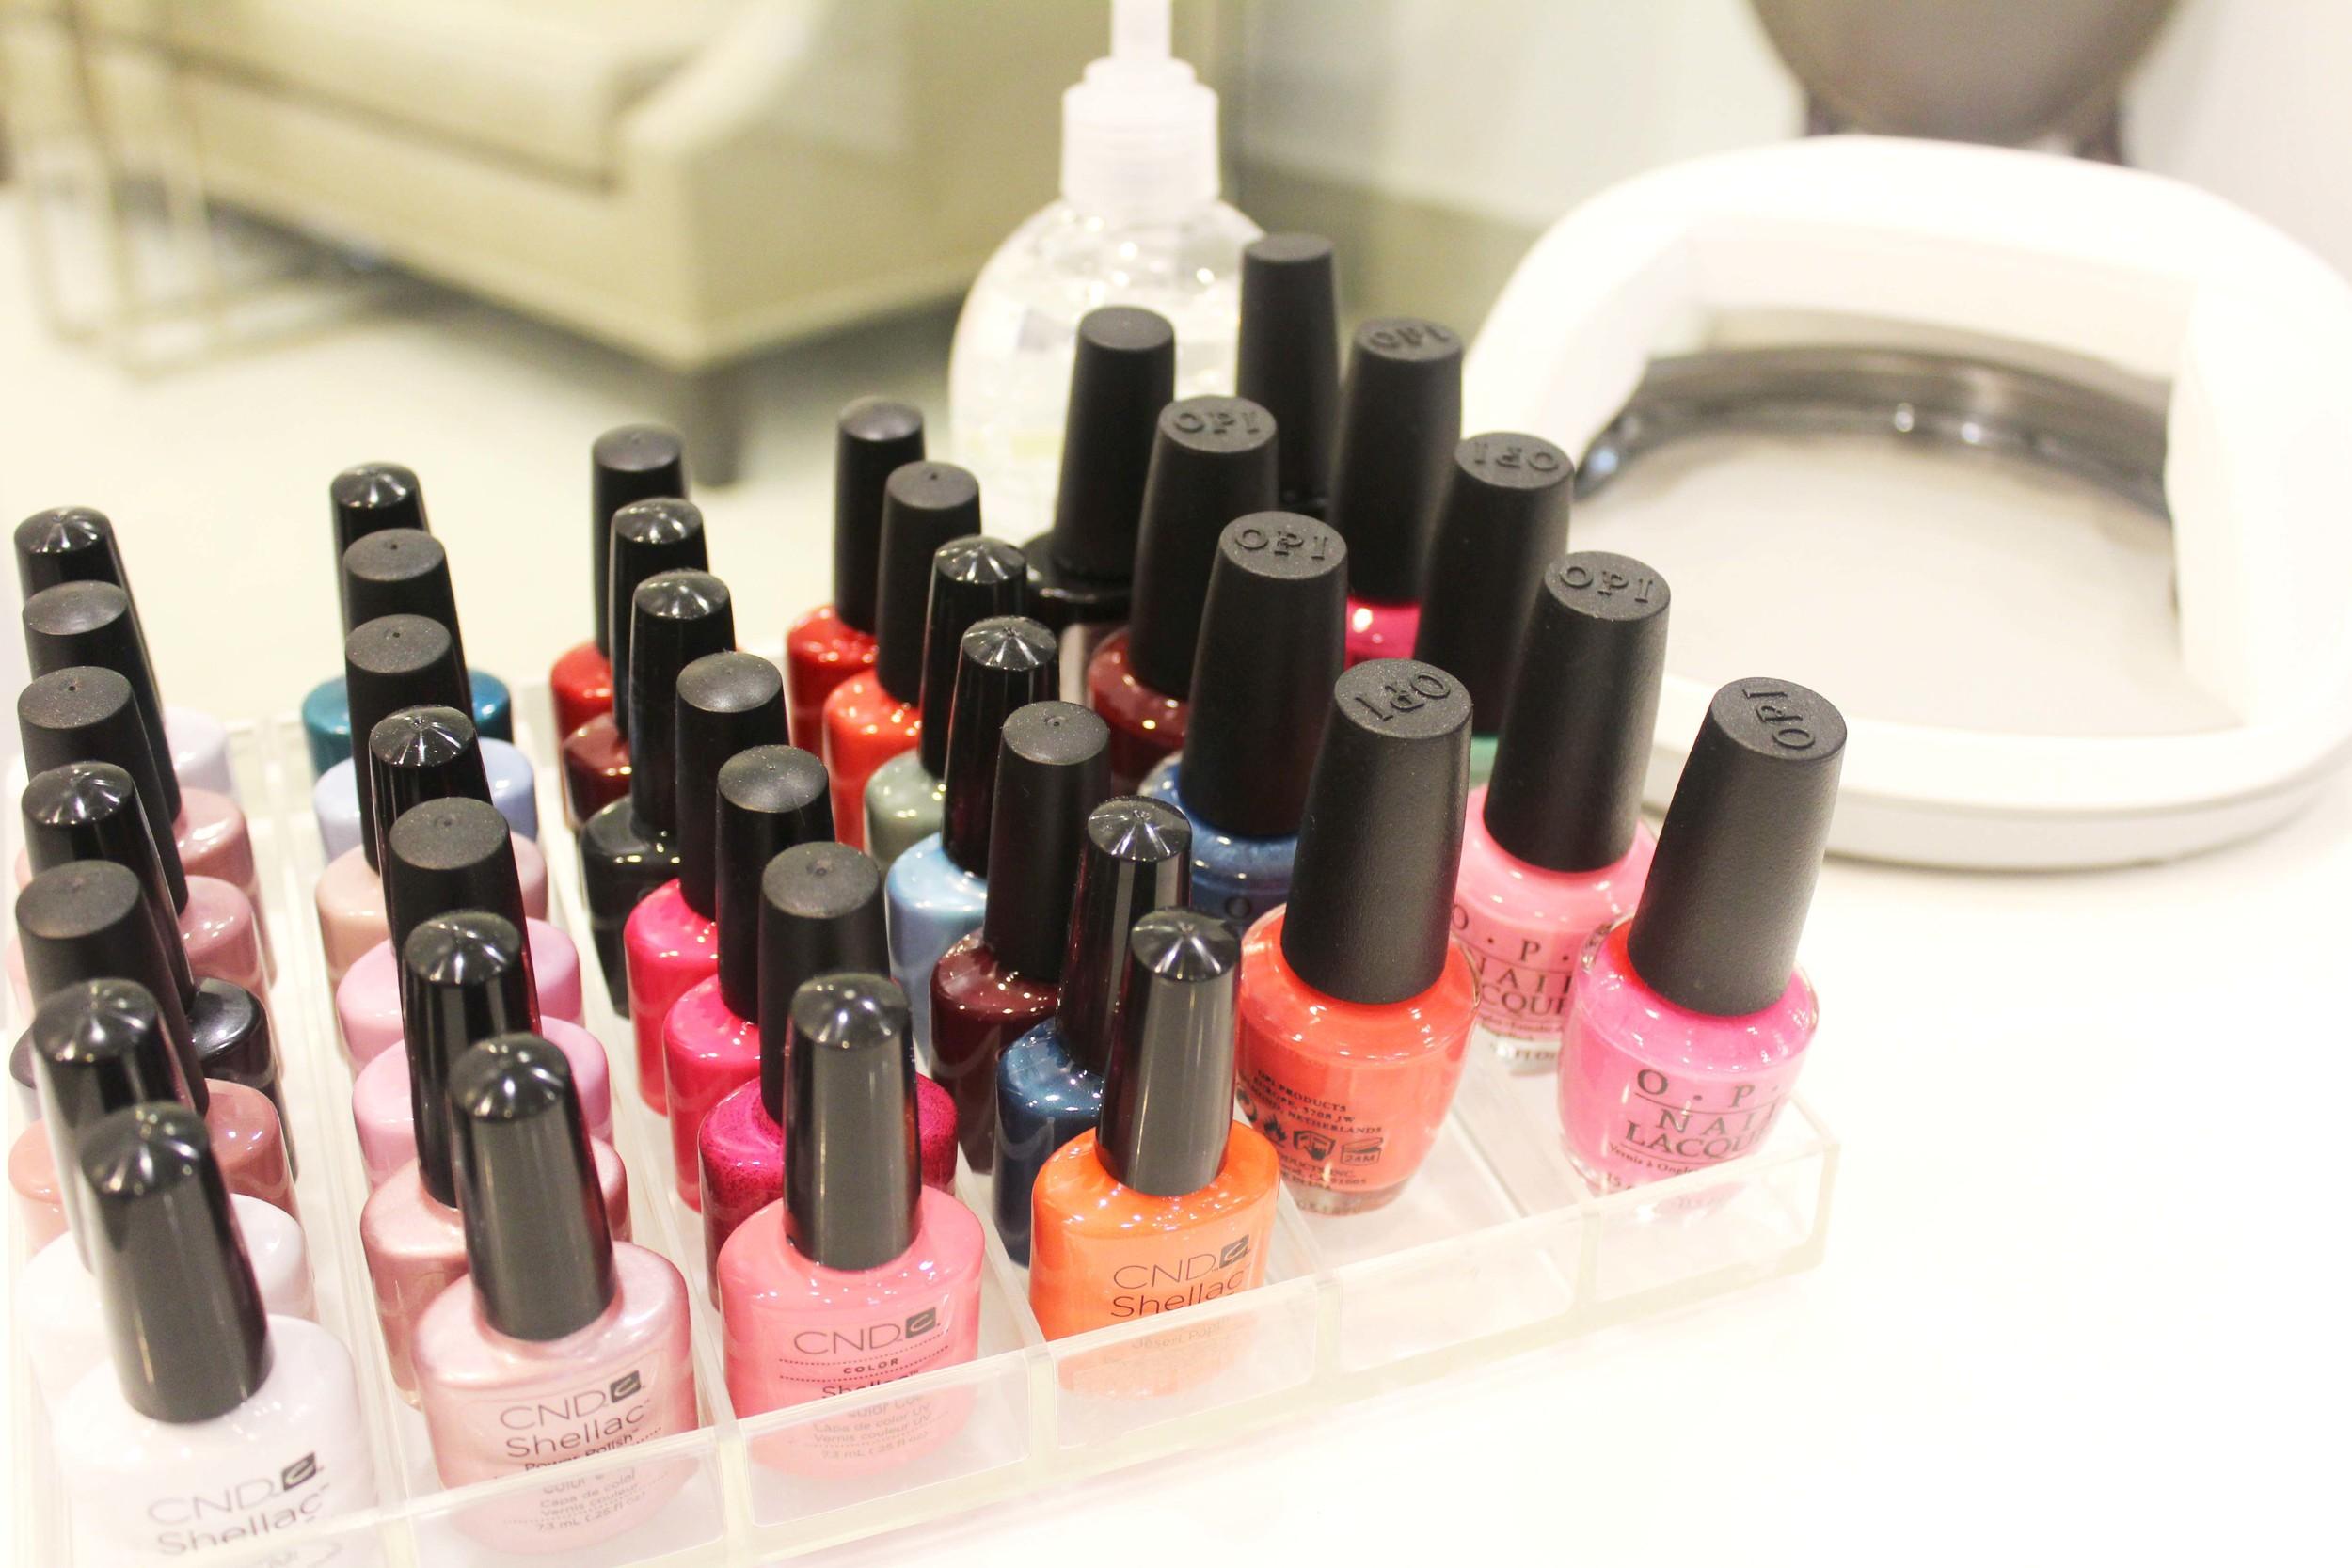 So many gel and regular nail polish options.